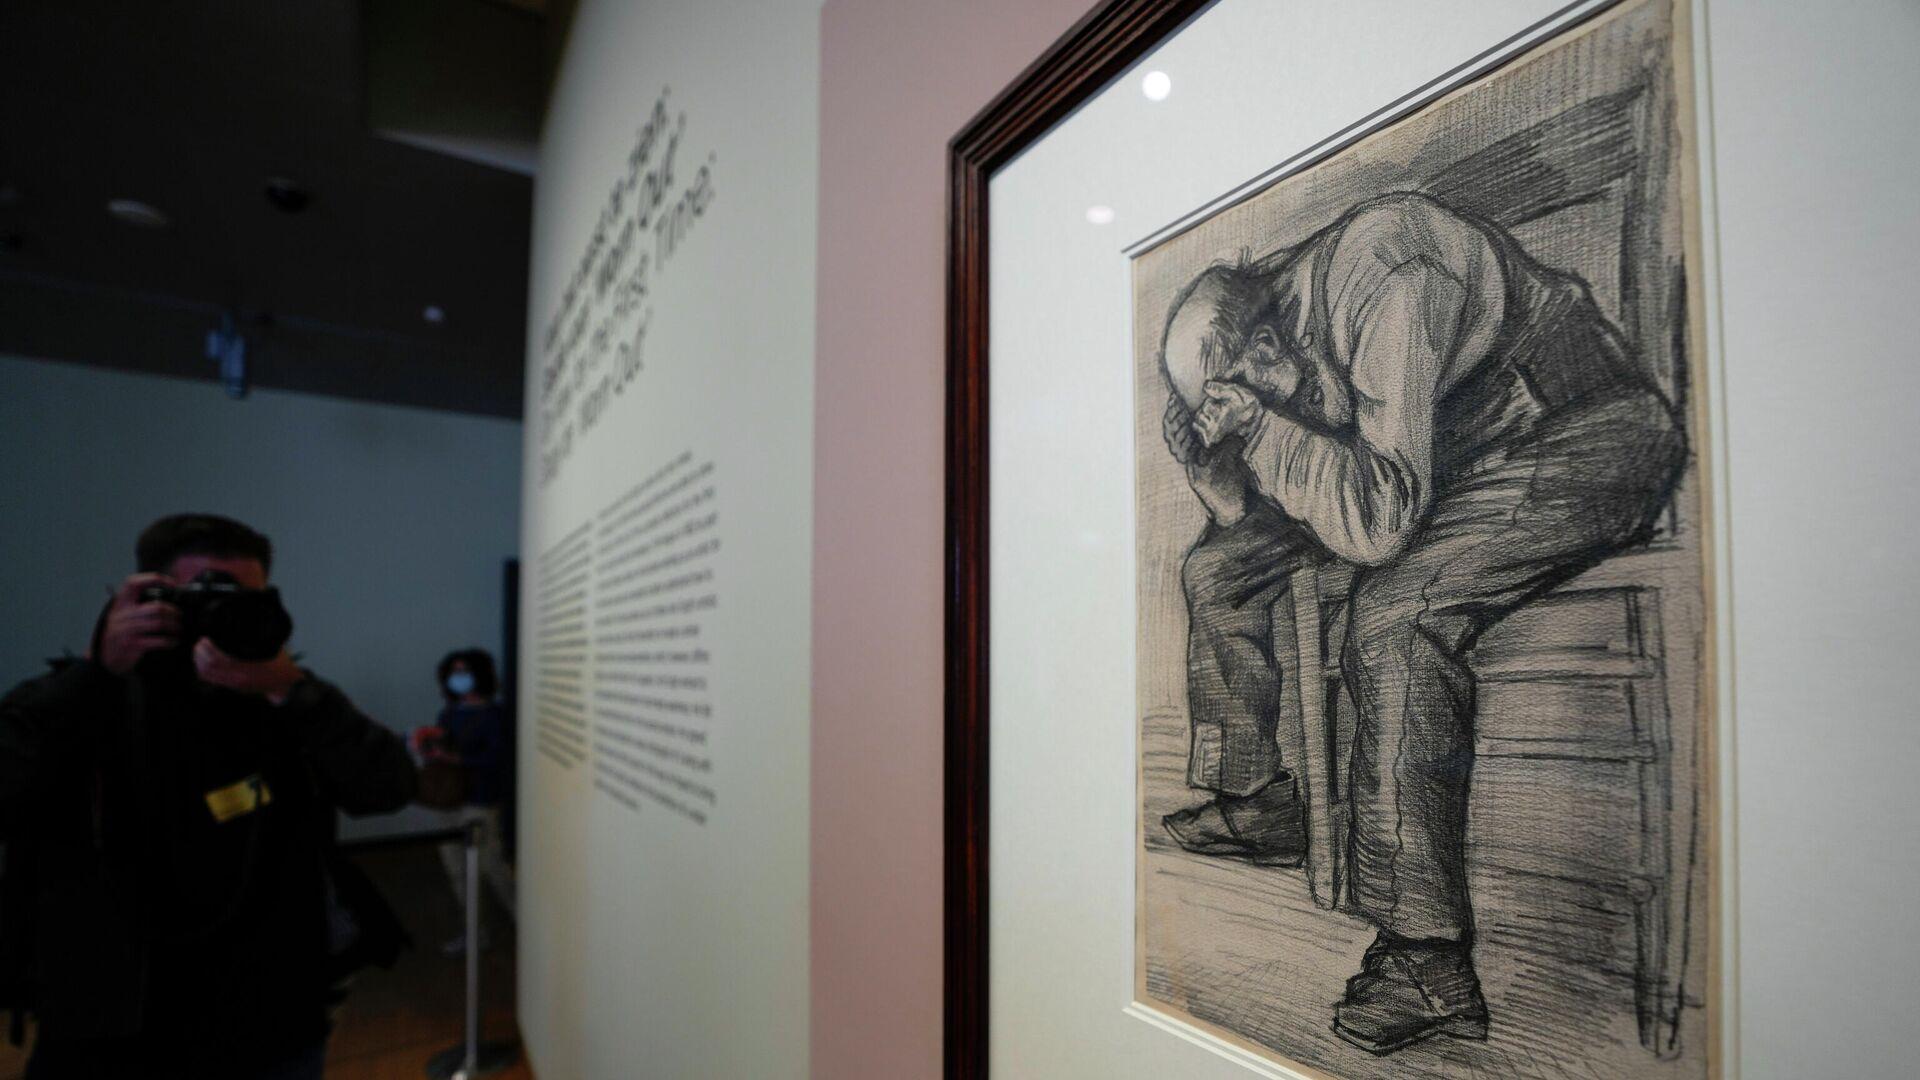 Рисунок Ван Гога Worn Out, впервые выставленный в музее Ван Гога в Амстердам - РИА Новости, 1920, 17.09.2021